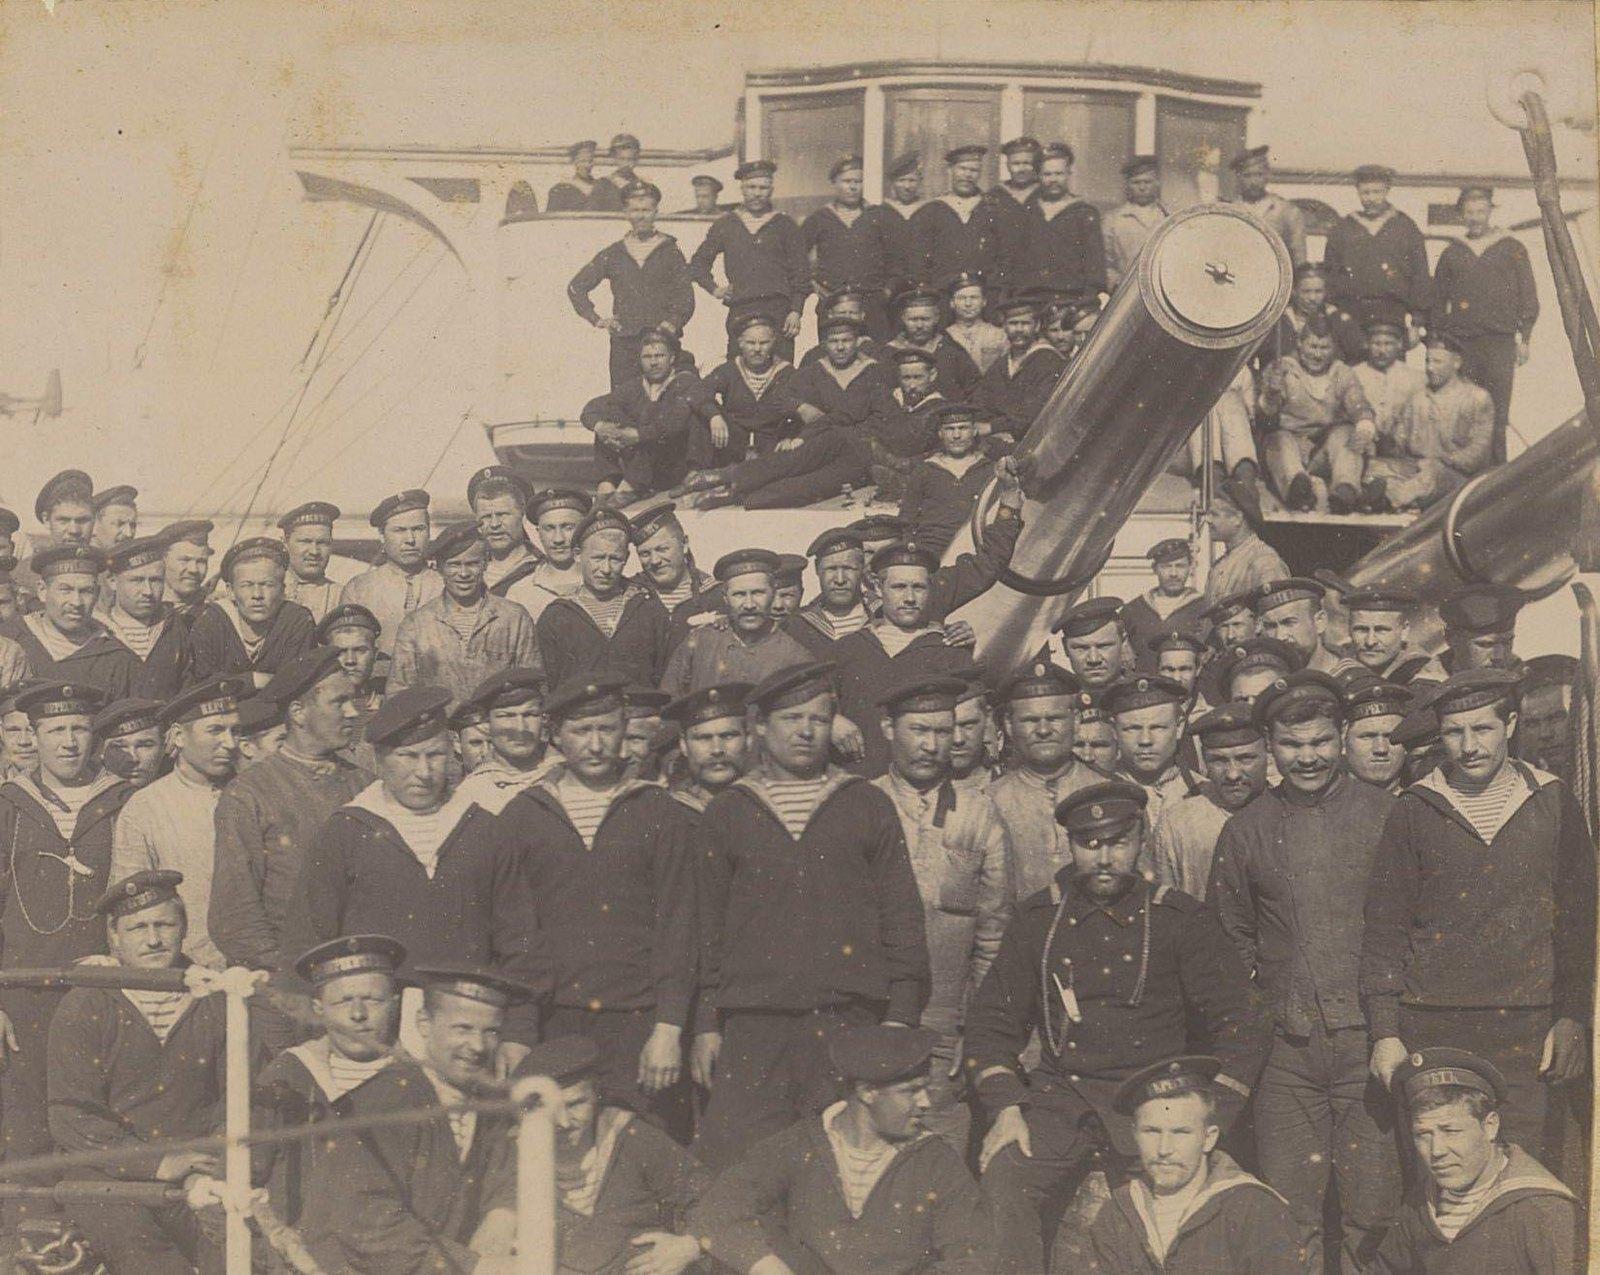 1901-1902. «Поход эскадренного броненосца «Пересвет» из Кронштадта на Дальний Восток». Часть 1